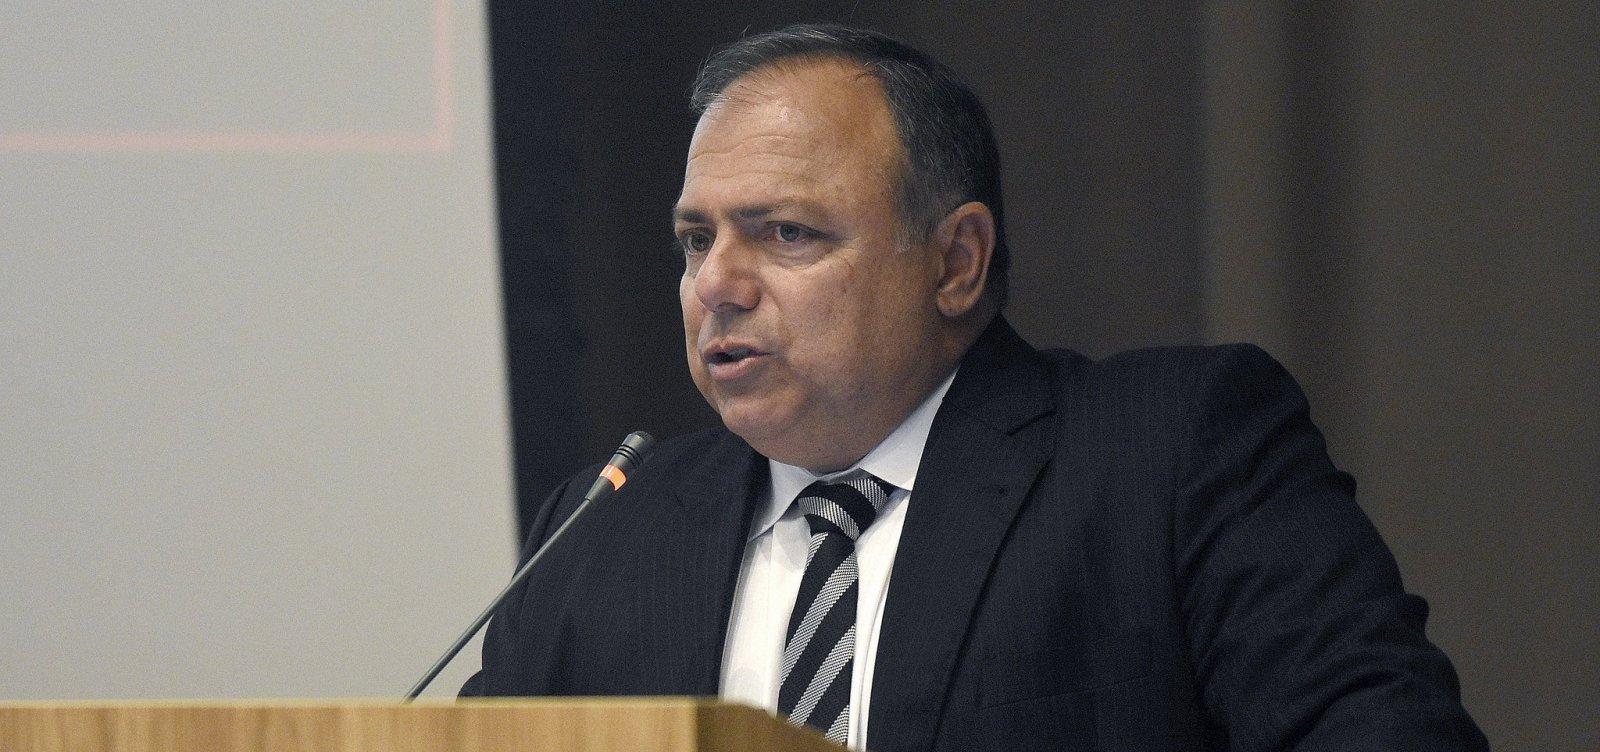 'Vacinação vai começar no dia D e na hora H', diz Ministro da Saúde